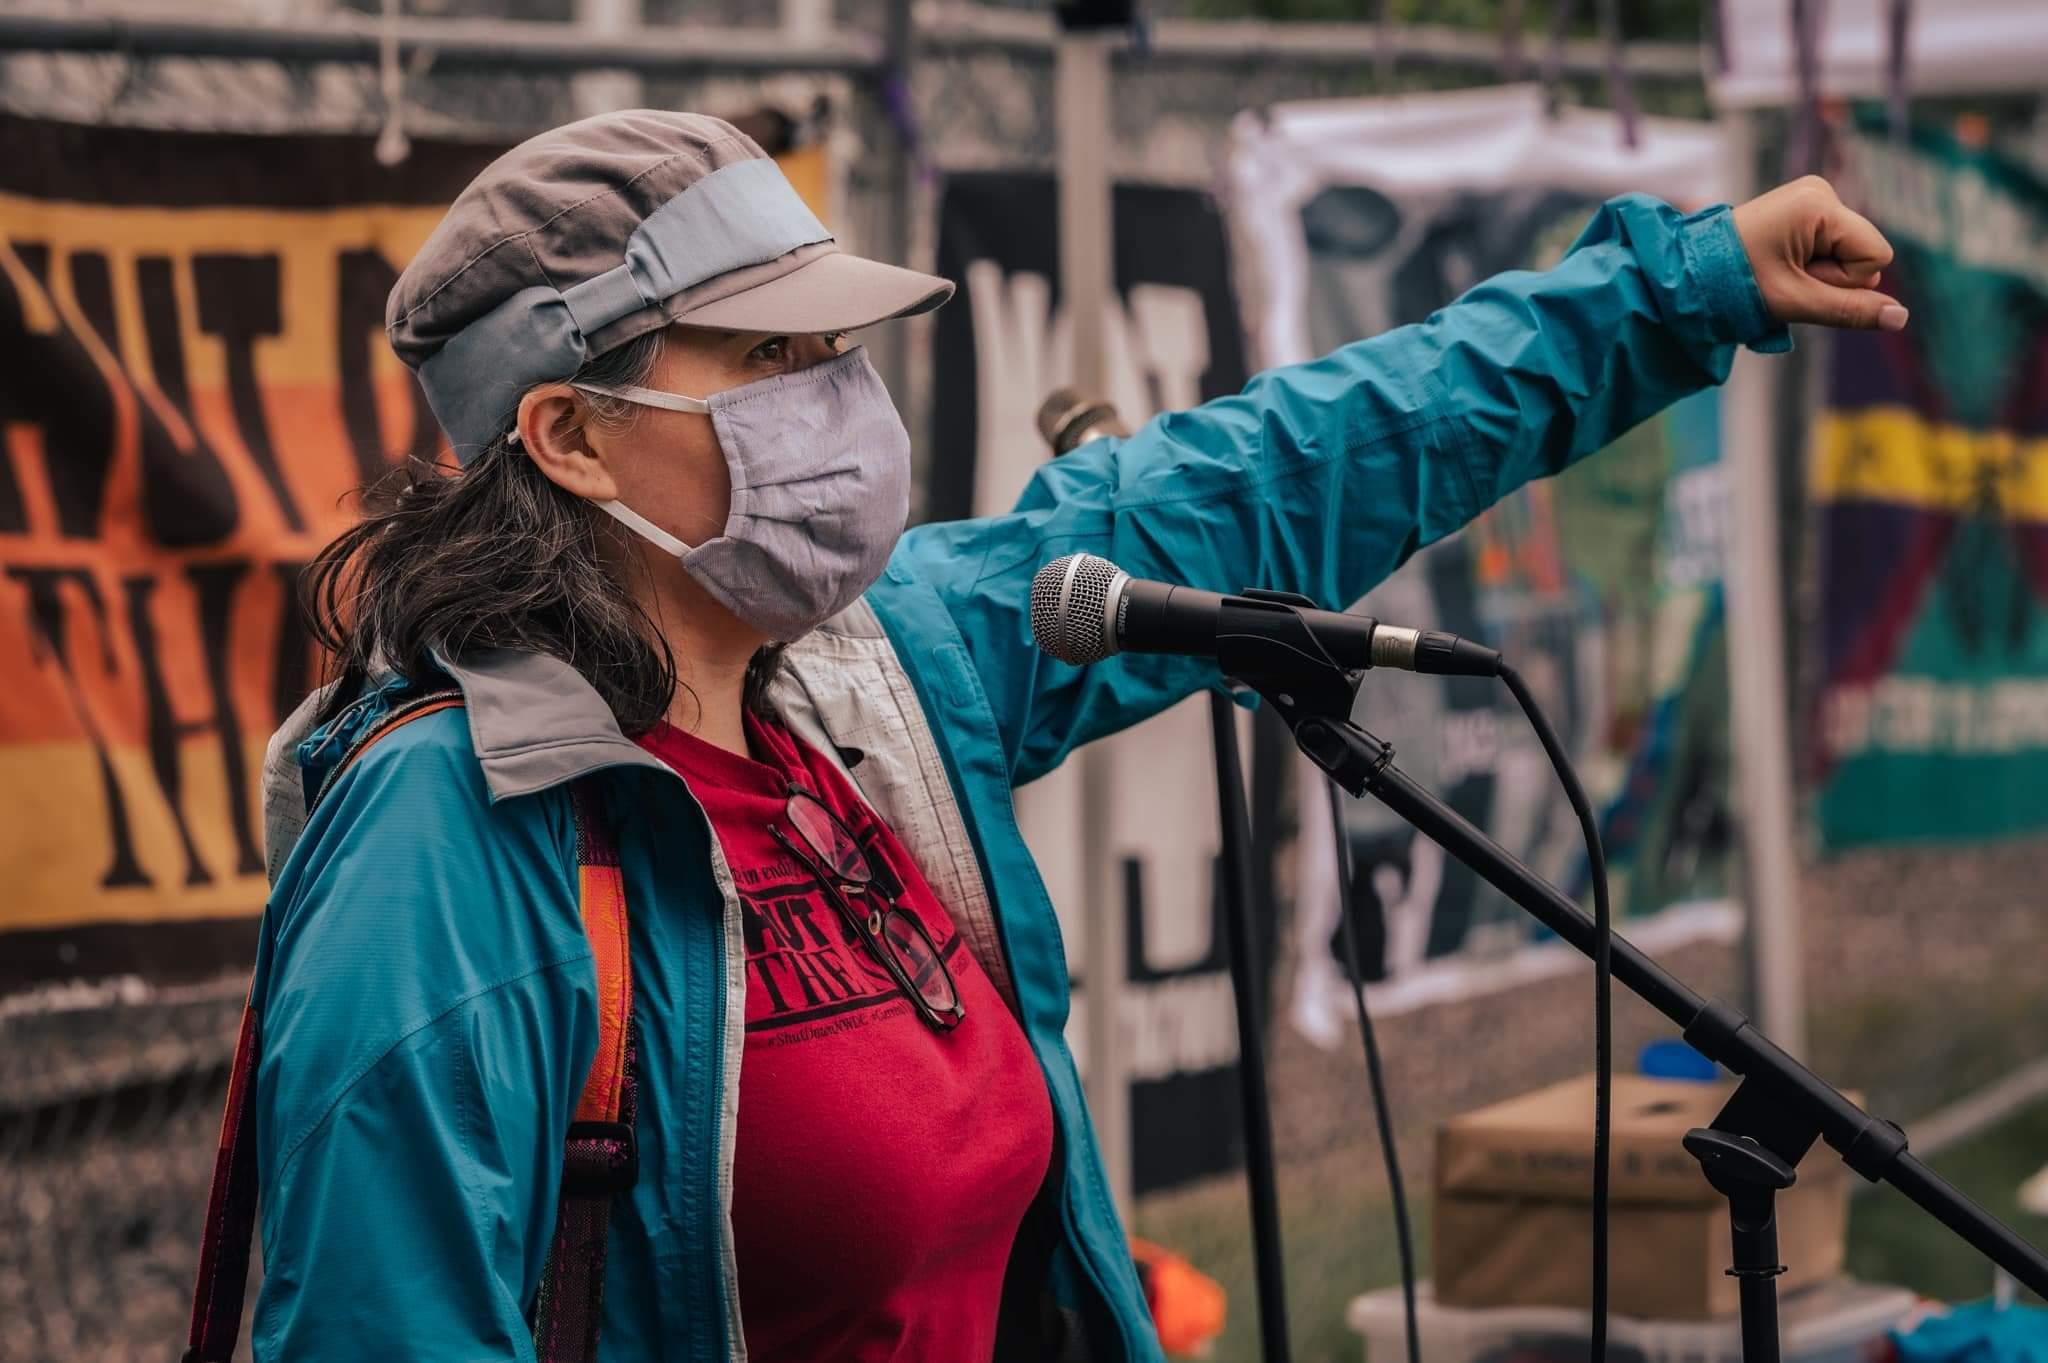 Maru Mora Villalpando, Directora/Fundadora de La Resistencia. Foto: Cortesía.